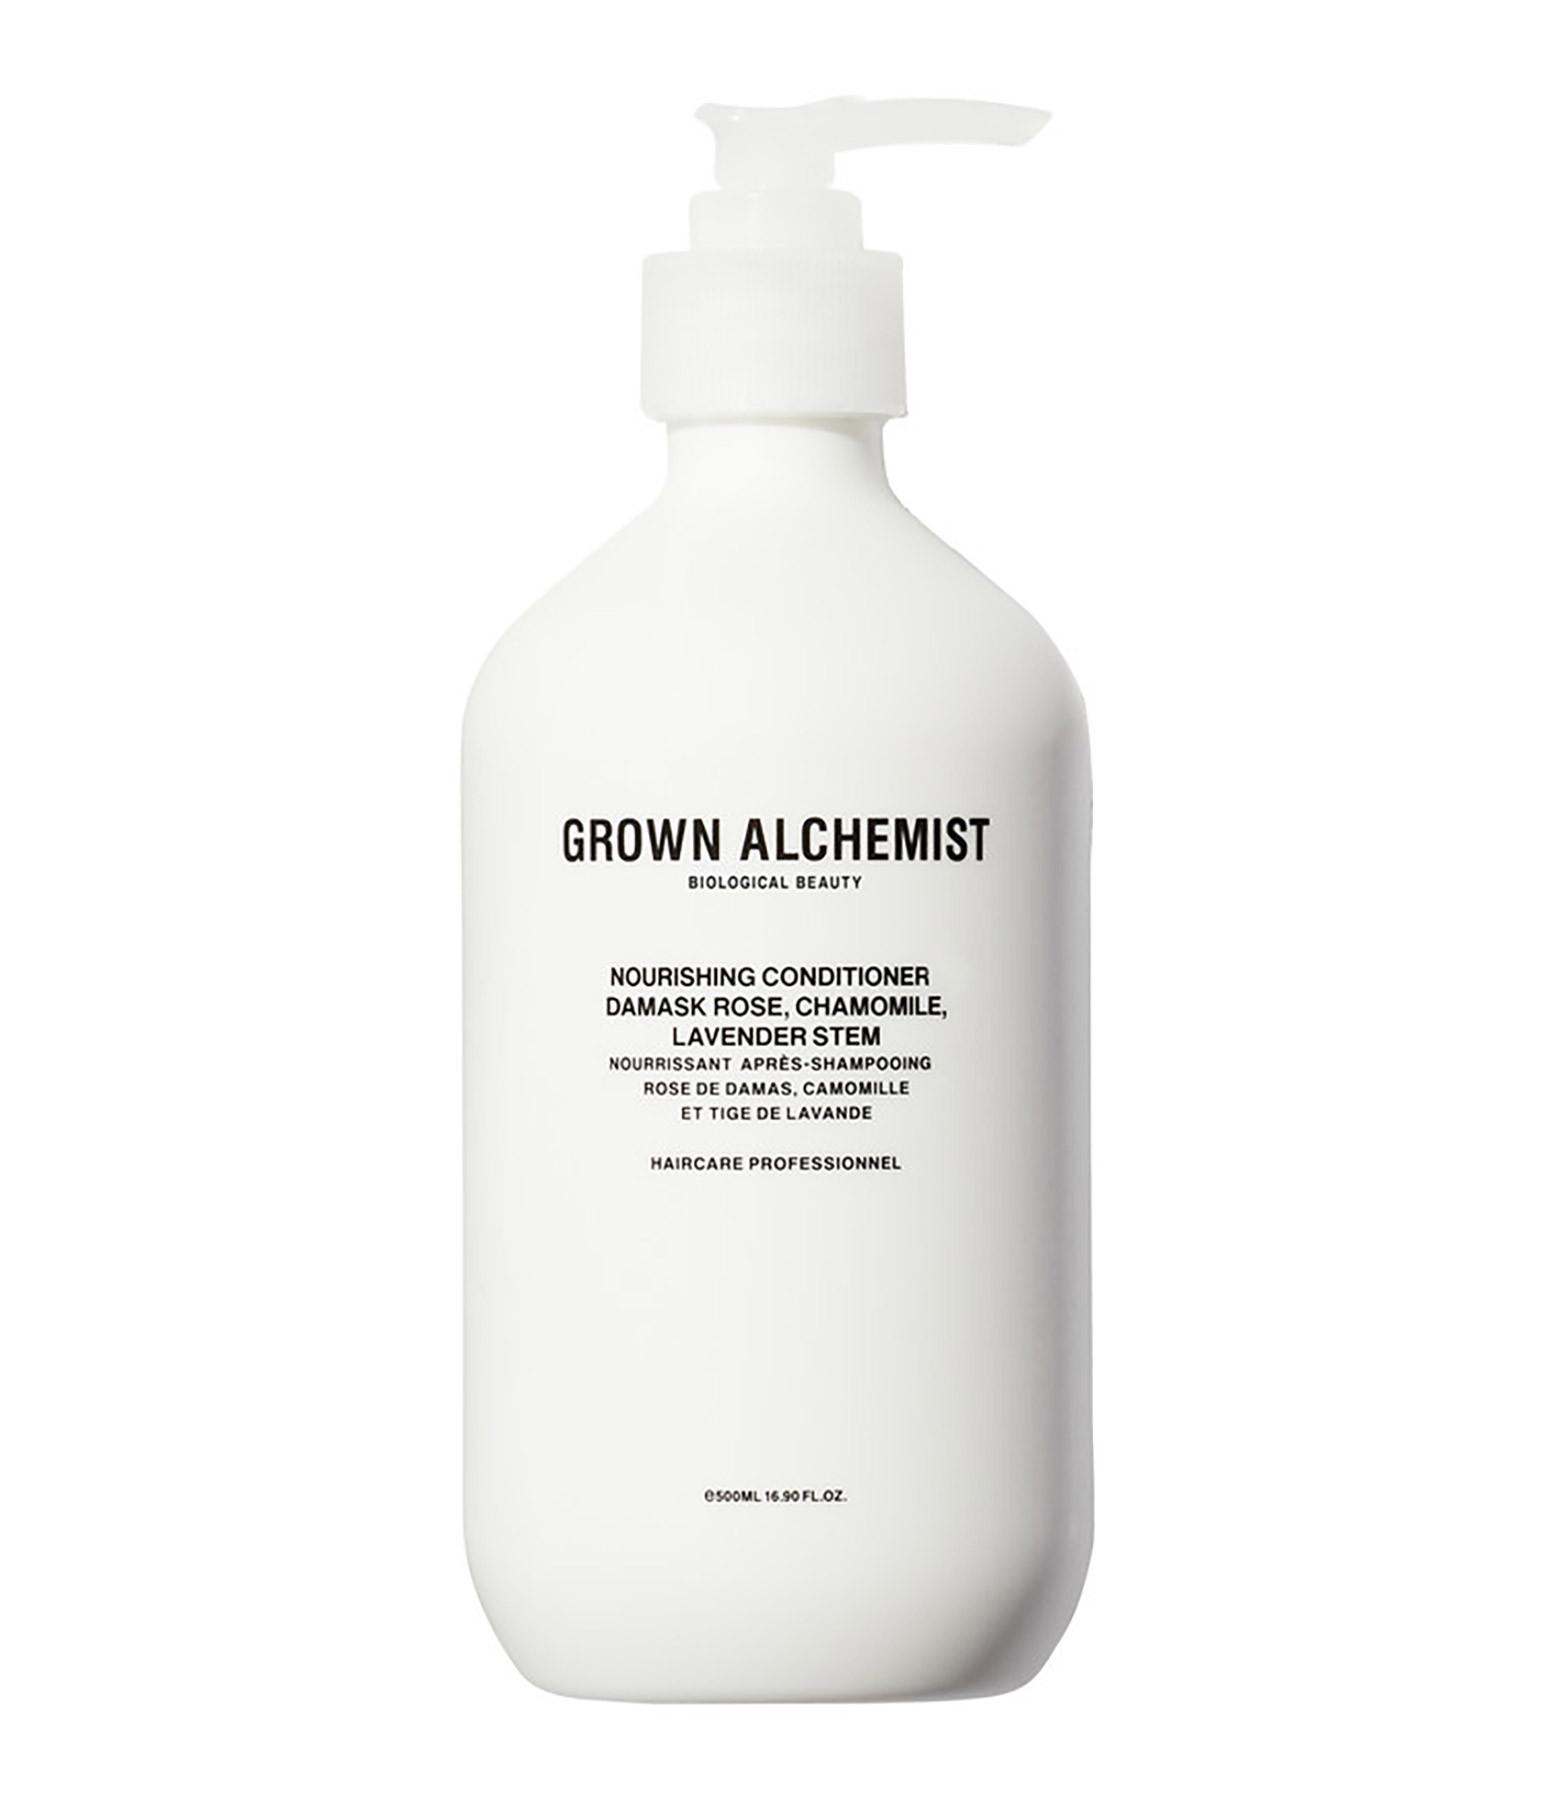 GROWN ALCHEMIST - Après-Shampoing Nourrissant 500 ml